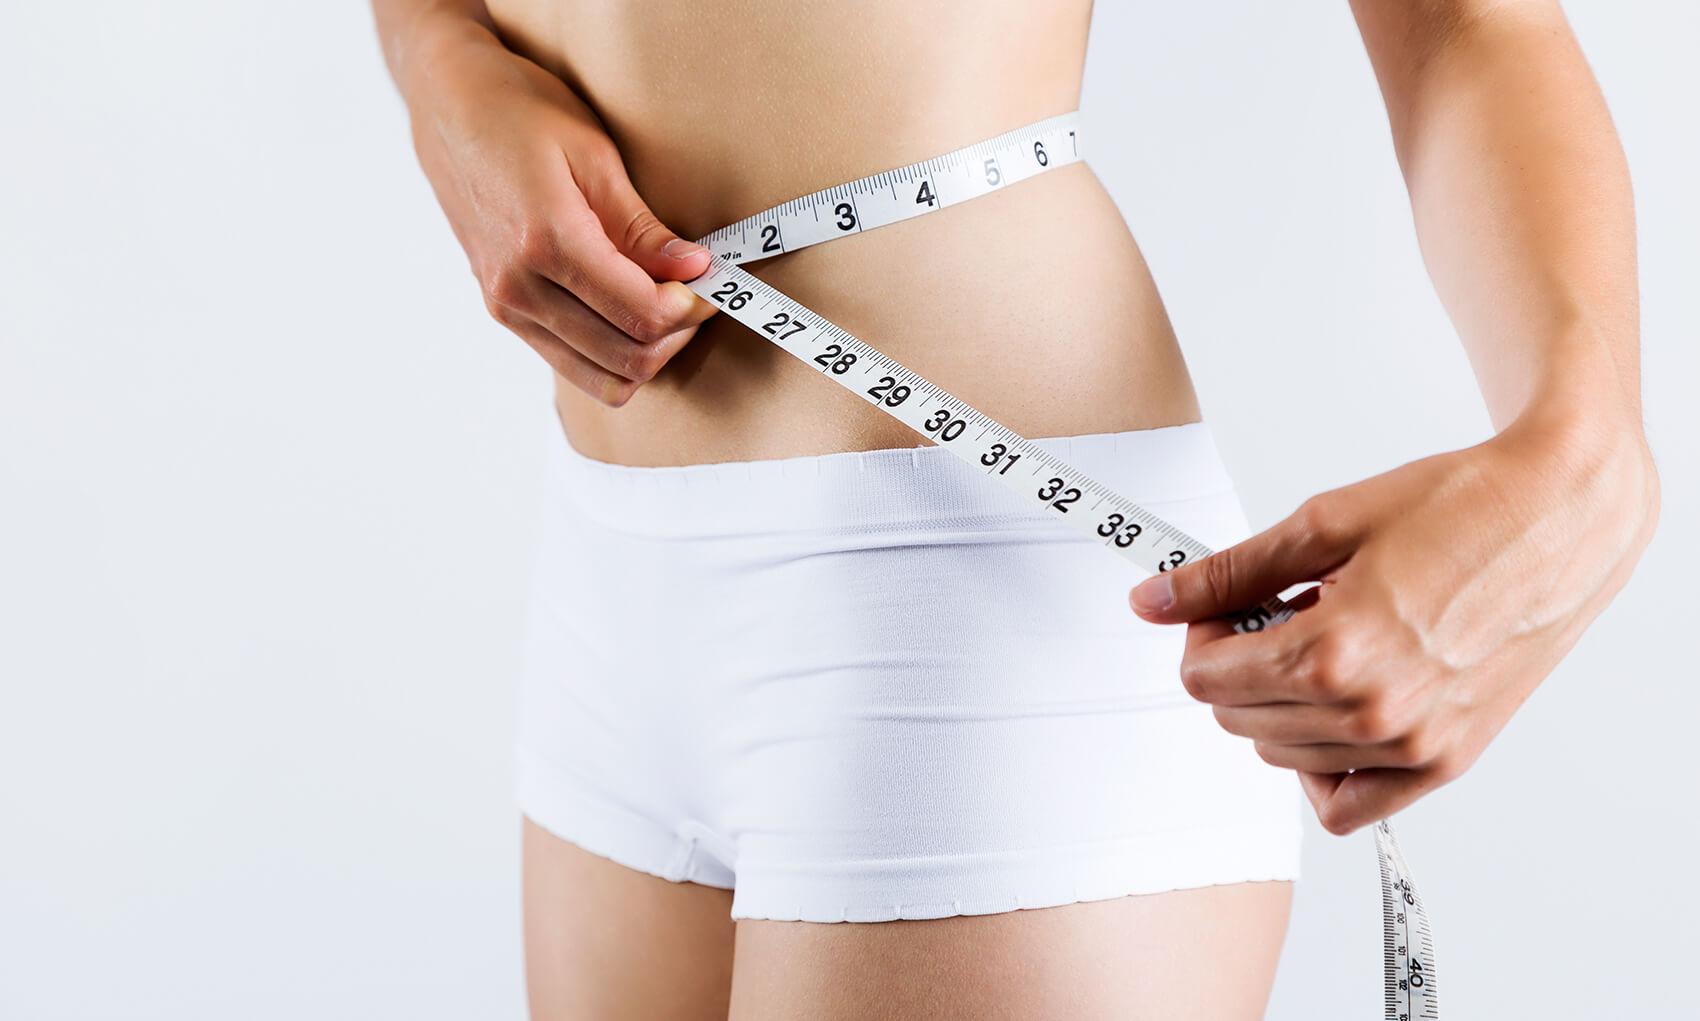 Comment perdre du poids facilement?